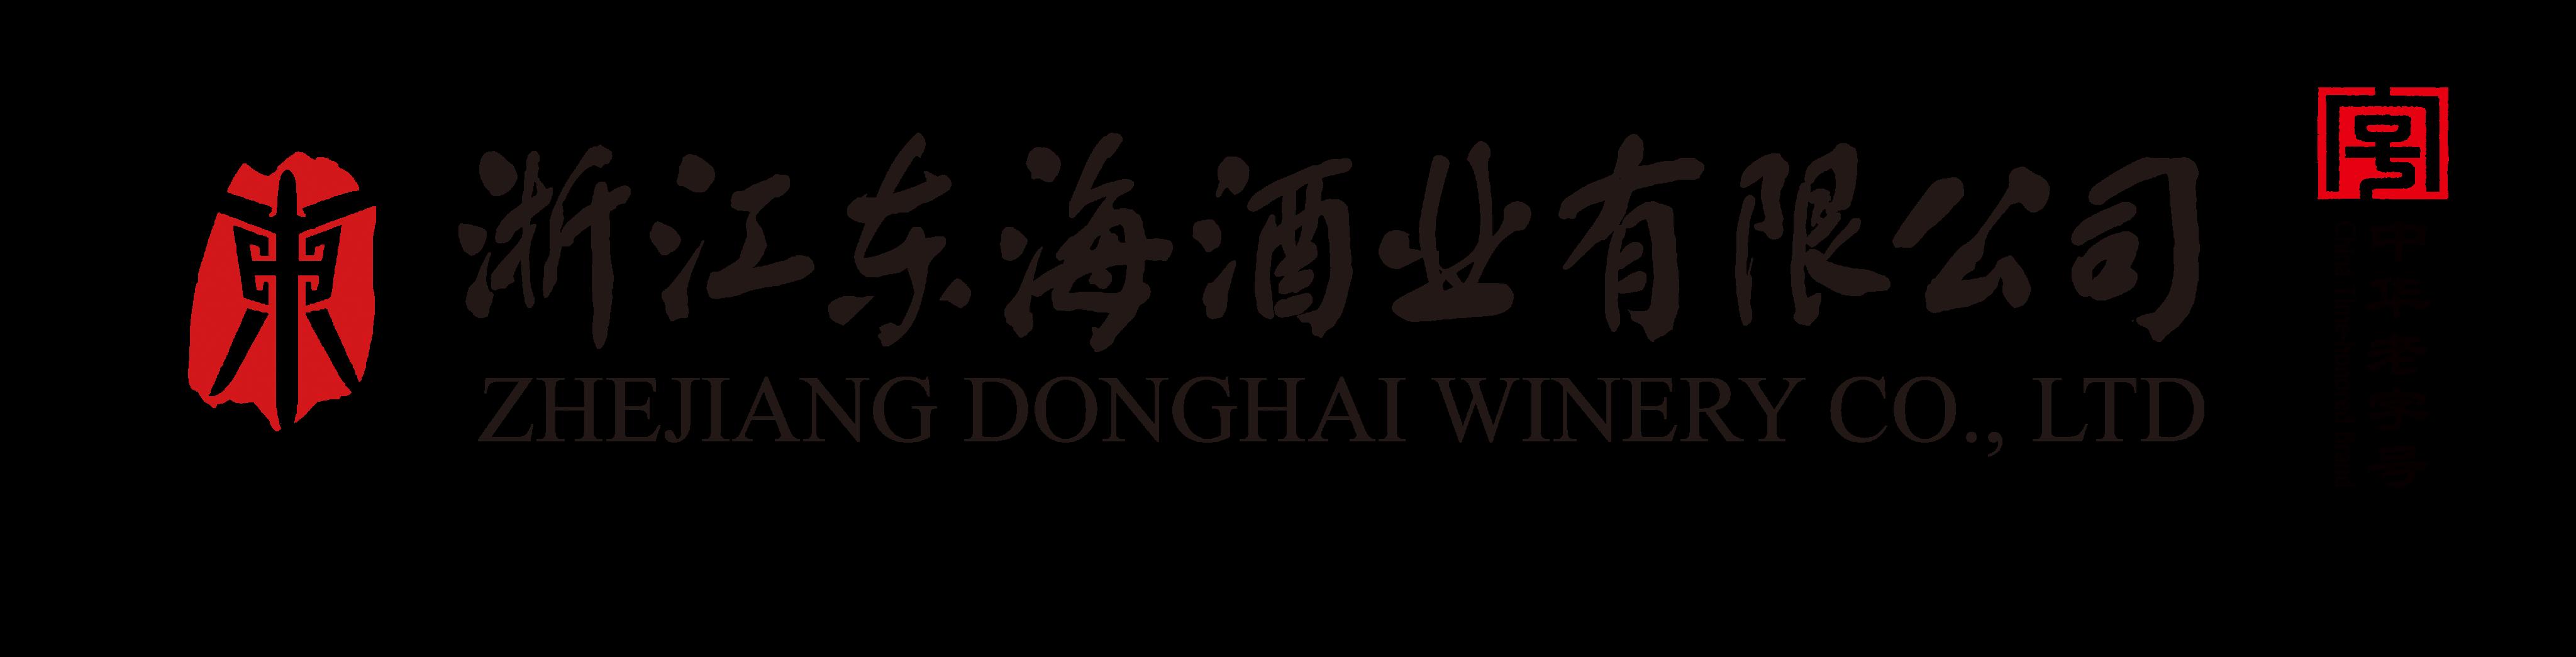 浙江东海酒业有限公司